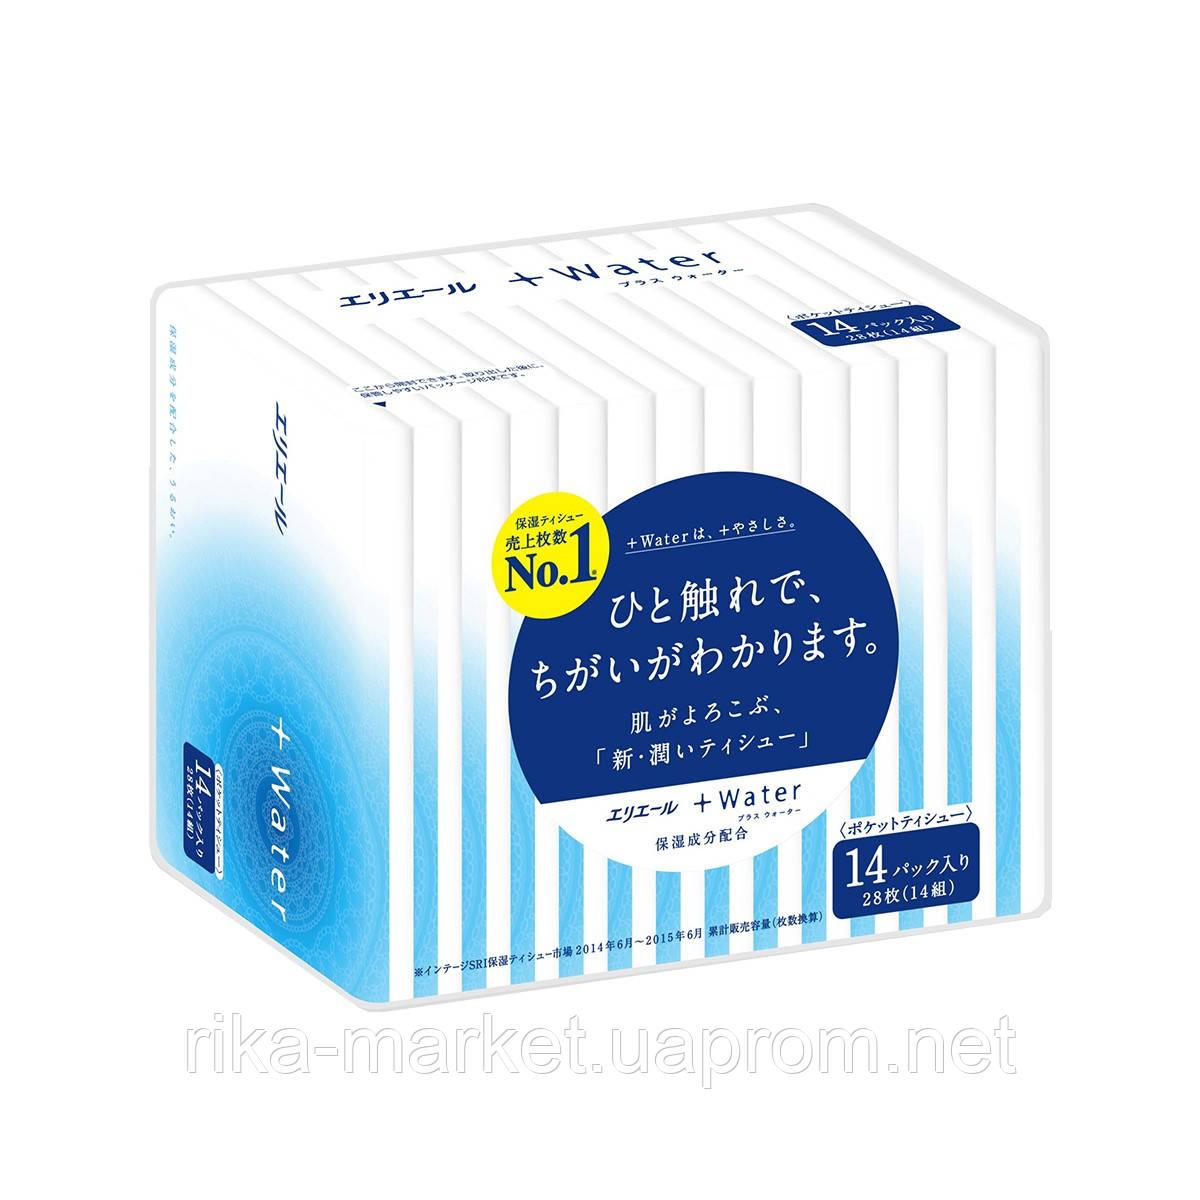 Платочки бумажные увлажняющие elleair +WATER (14 карманных упаковок * 14 шт)